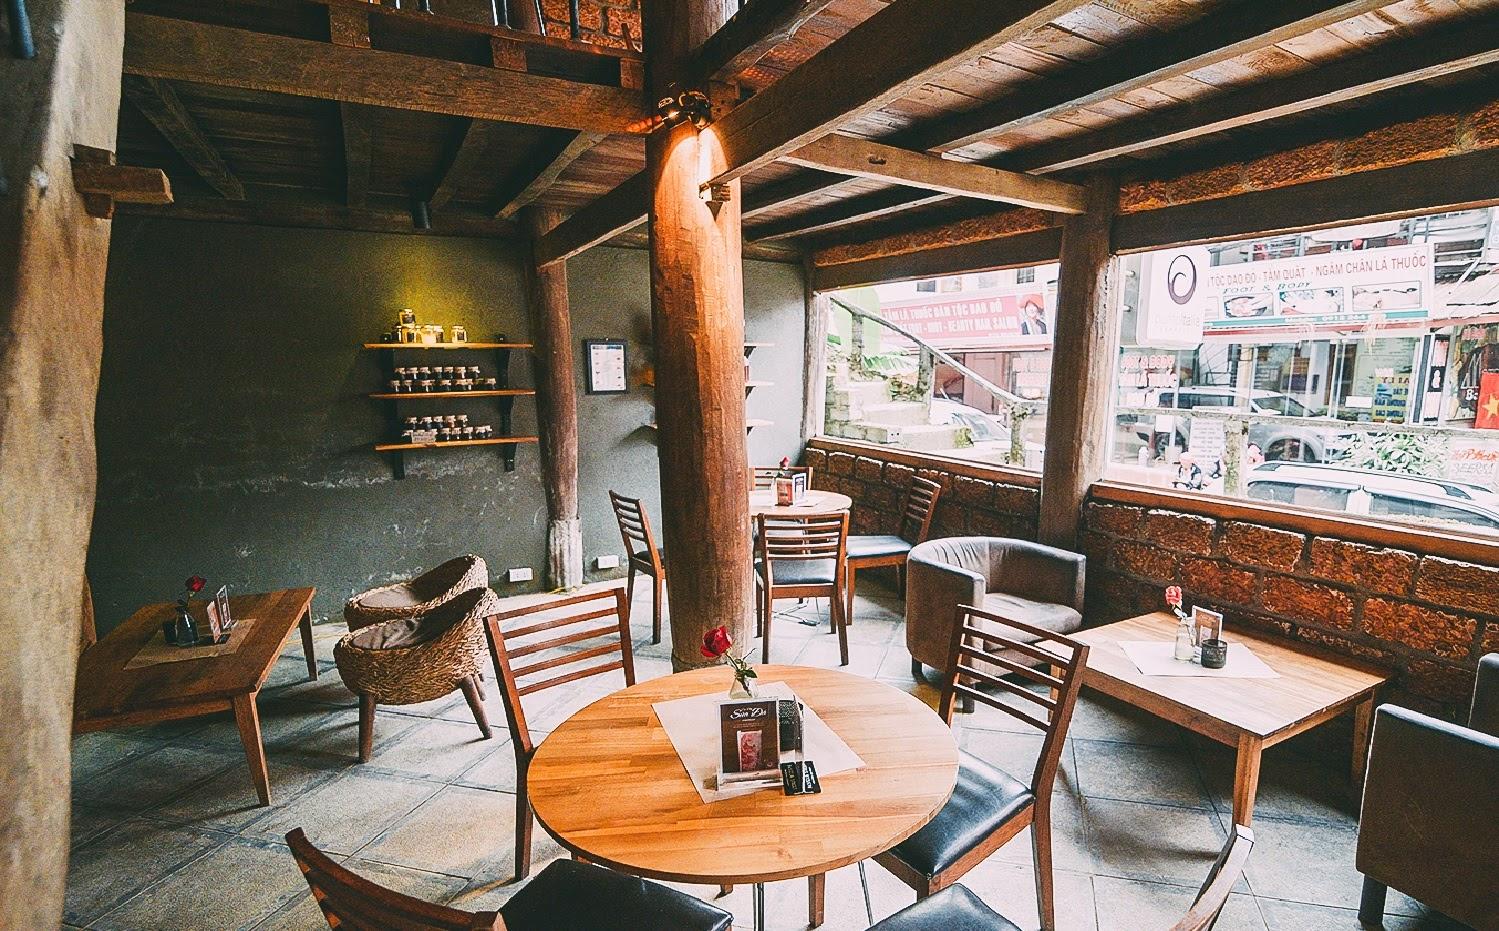 Mây coffee là một trong những quán cafe nổi tiếng nhất tại Sapa